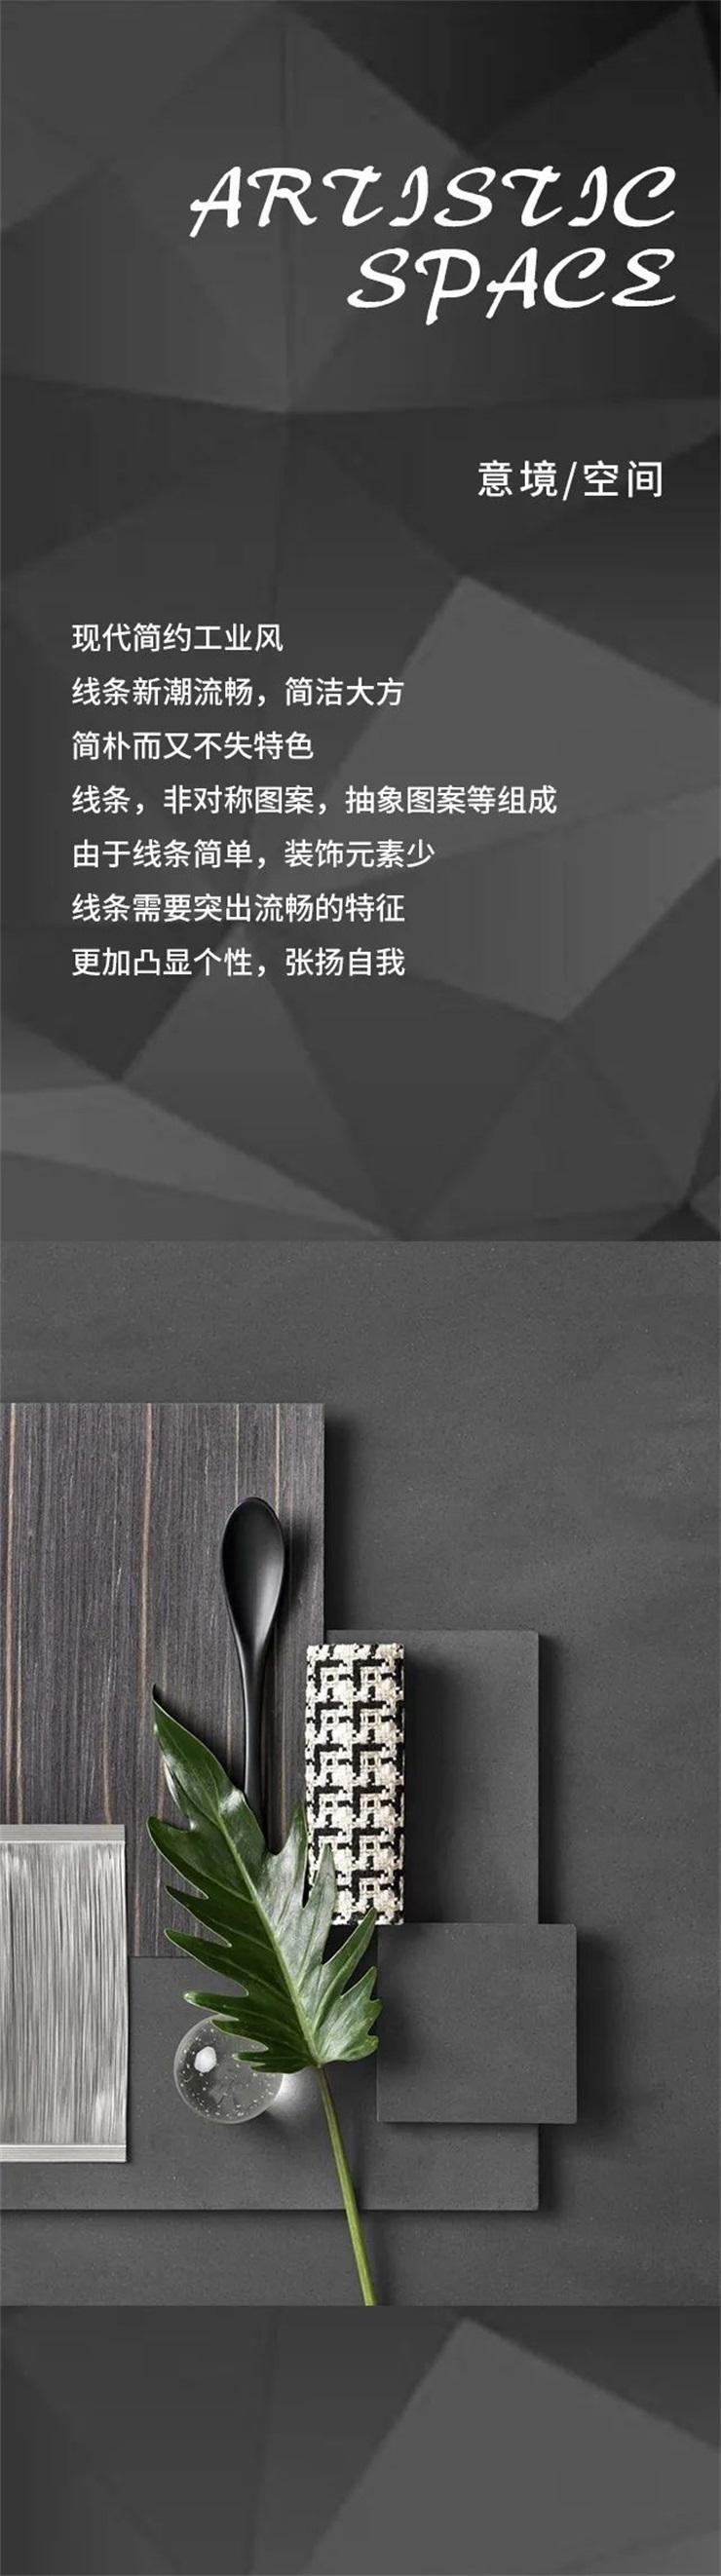 《【摩登3品牌】【YaSLAN墙布窗帘】意境空间》